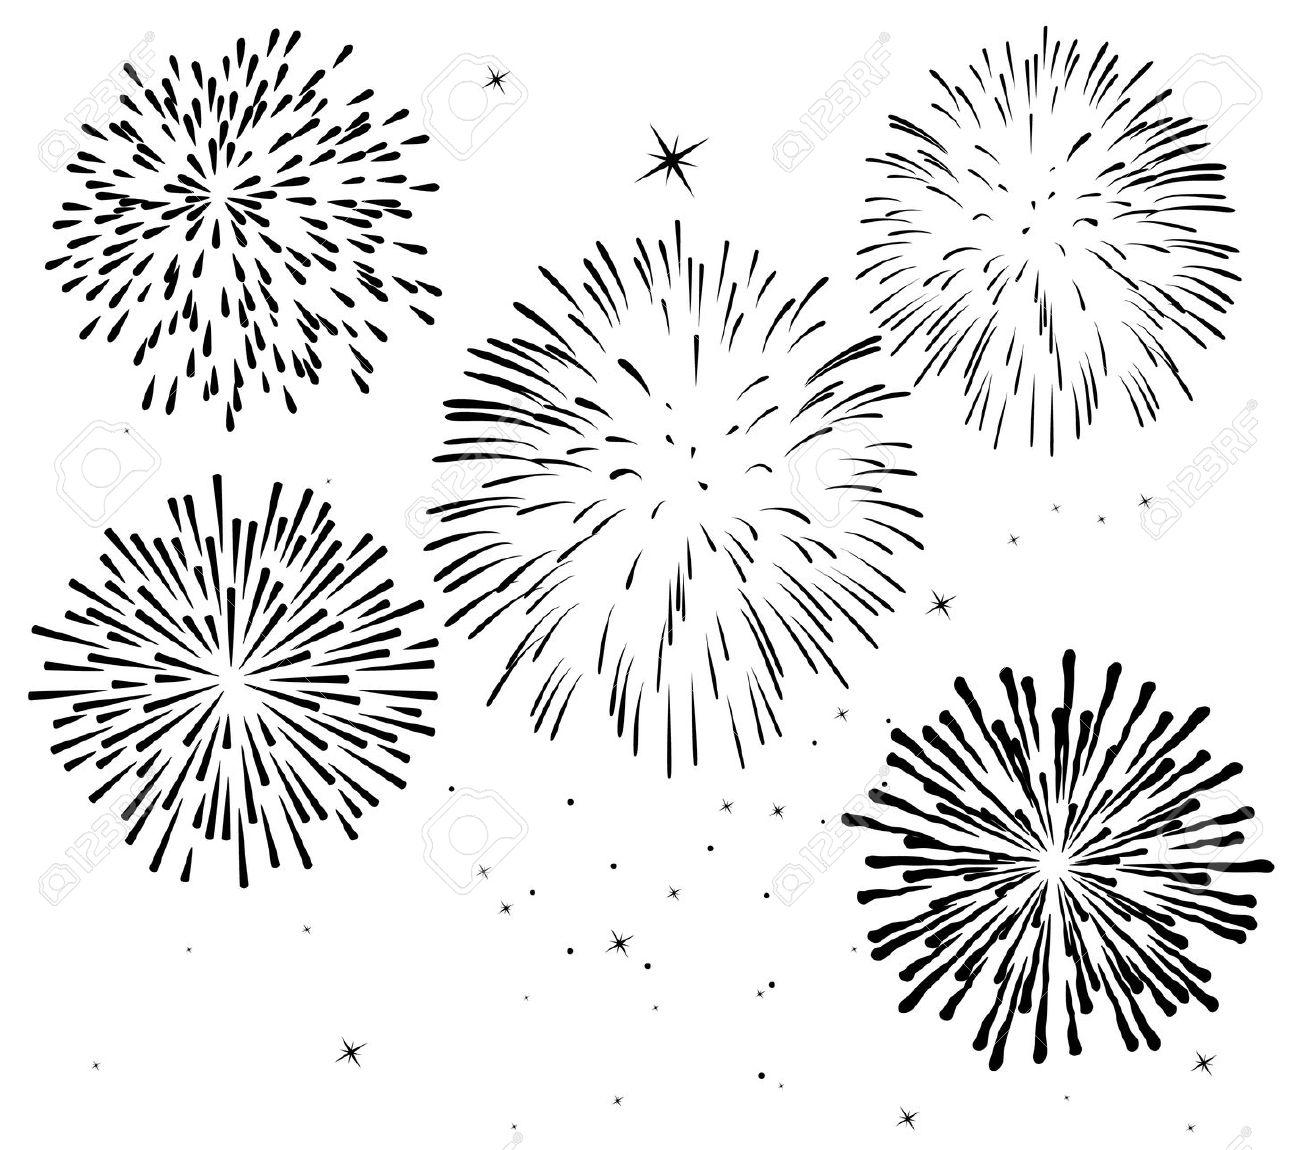 fireworks border black and white clipart #1